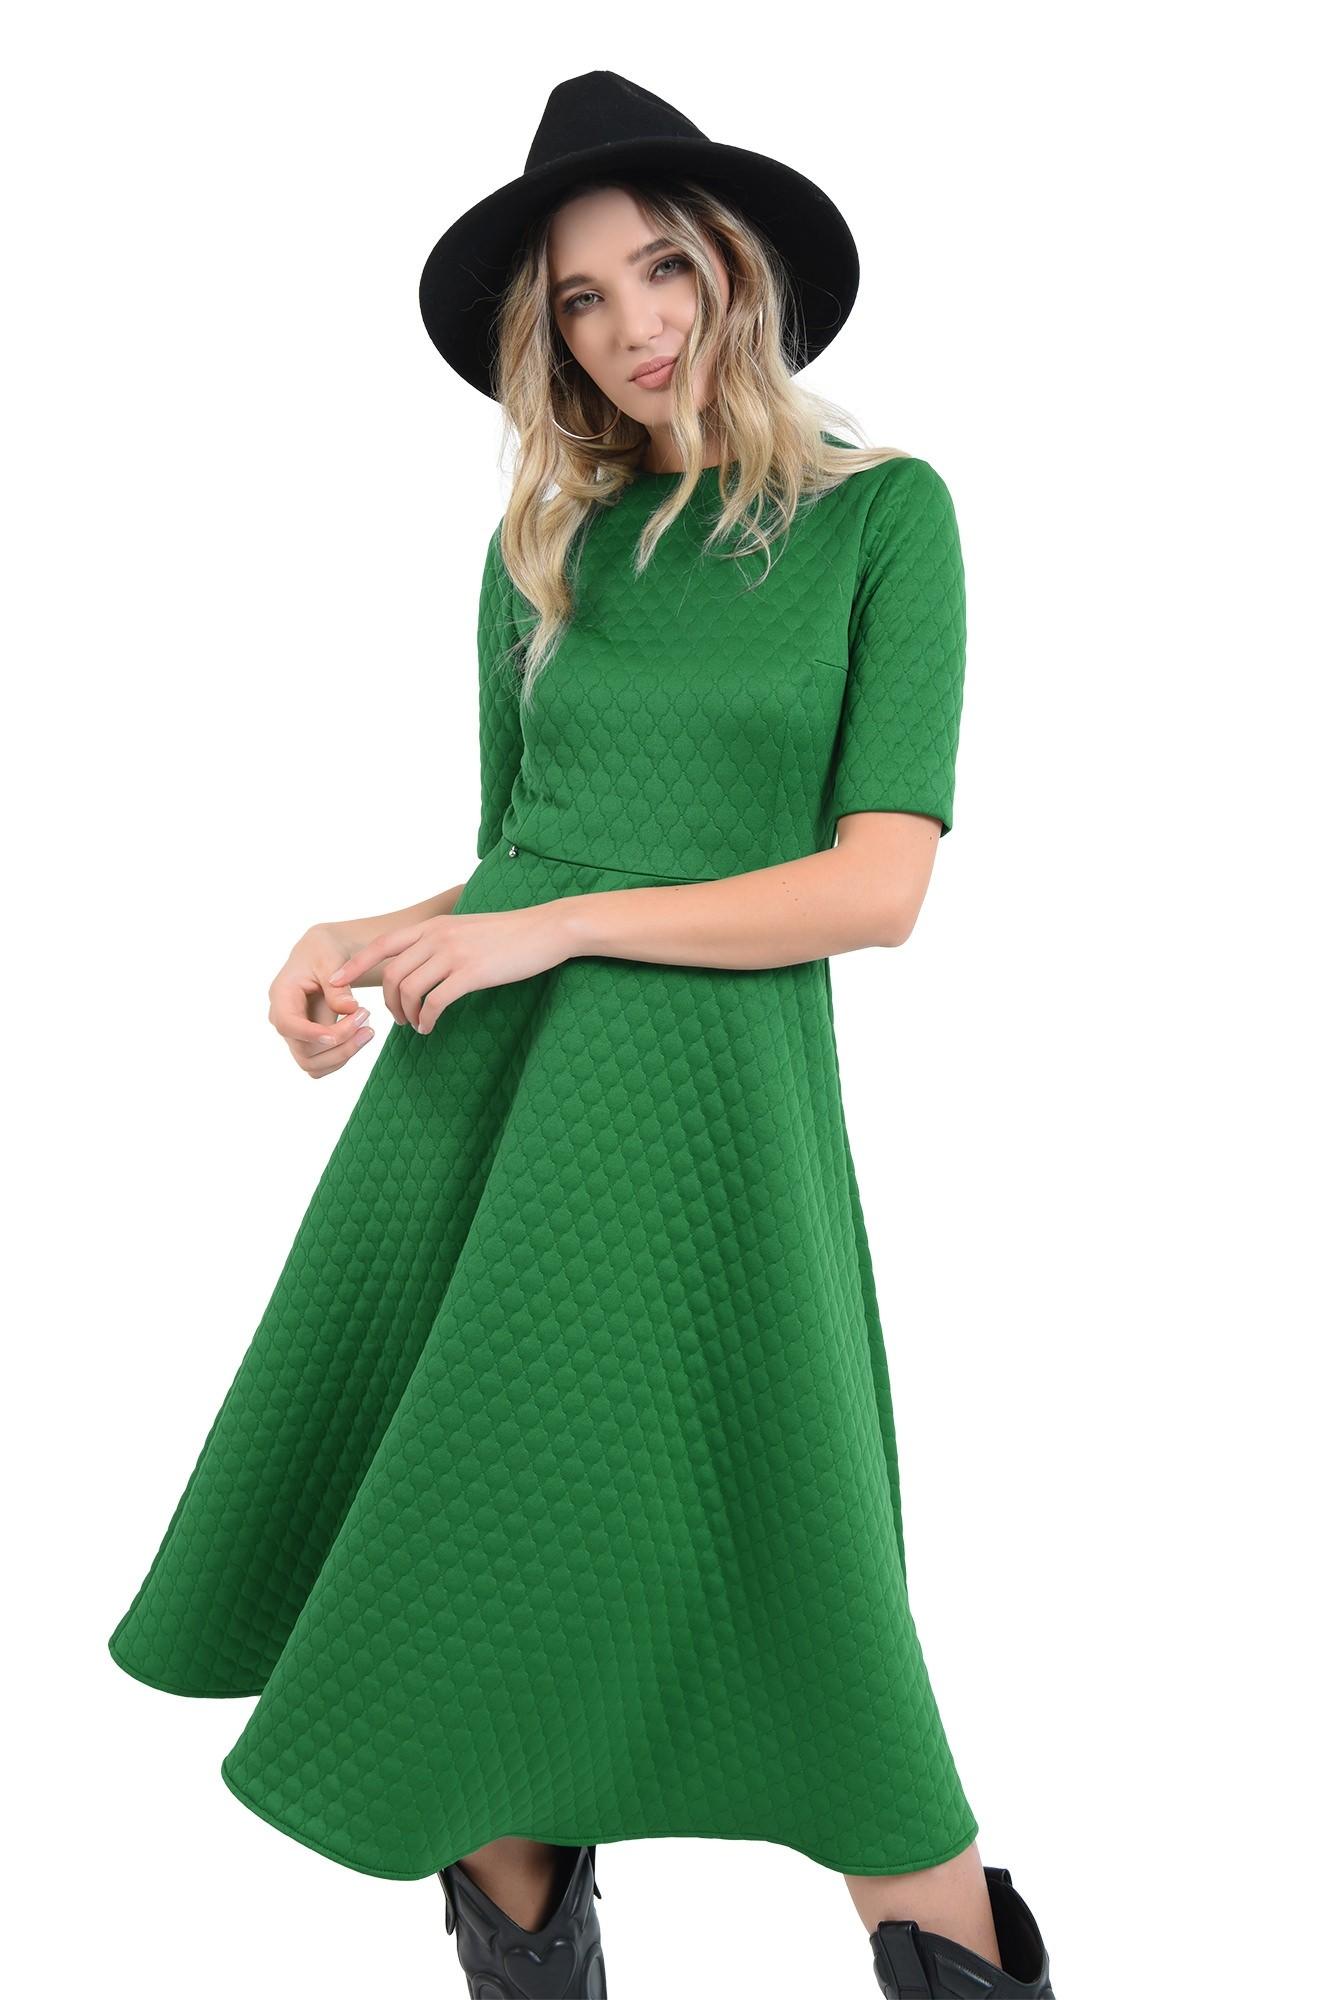 3 - rochie evazata, verde, midi, cu maneca scurta